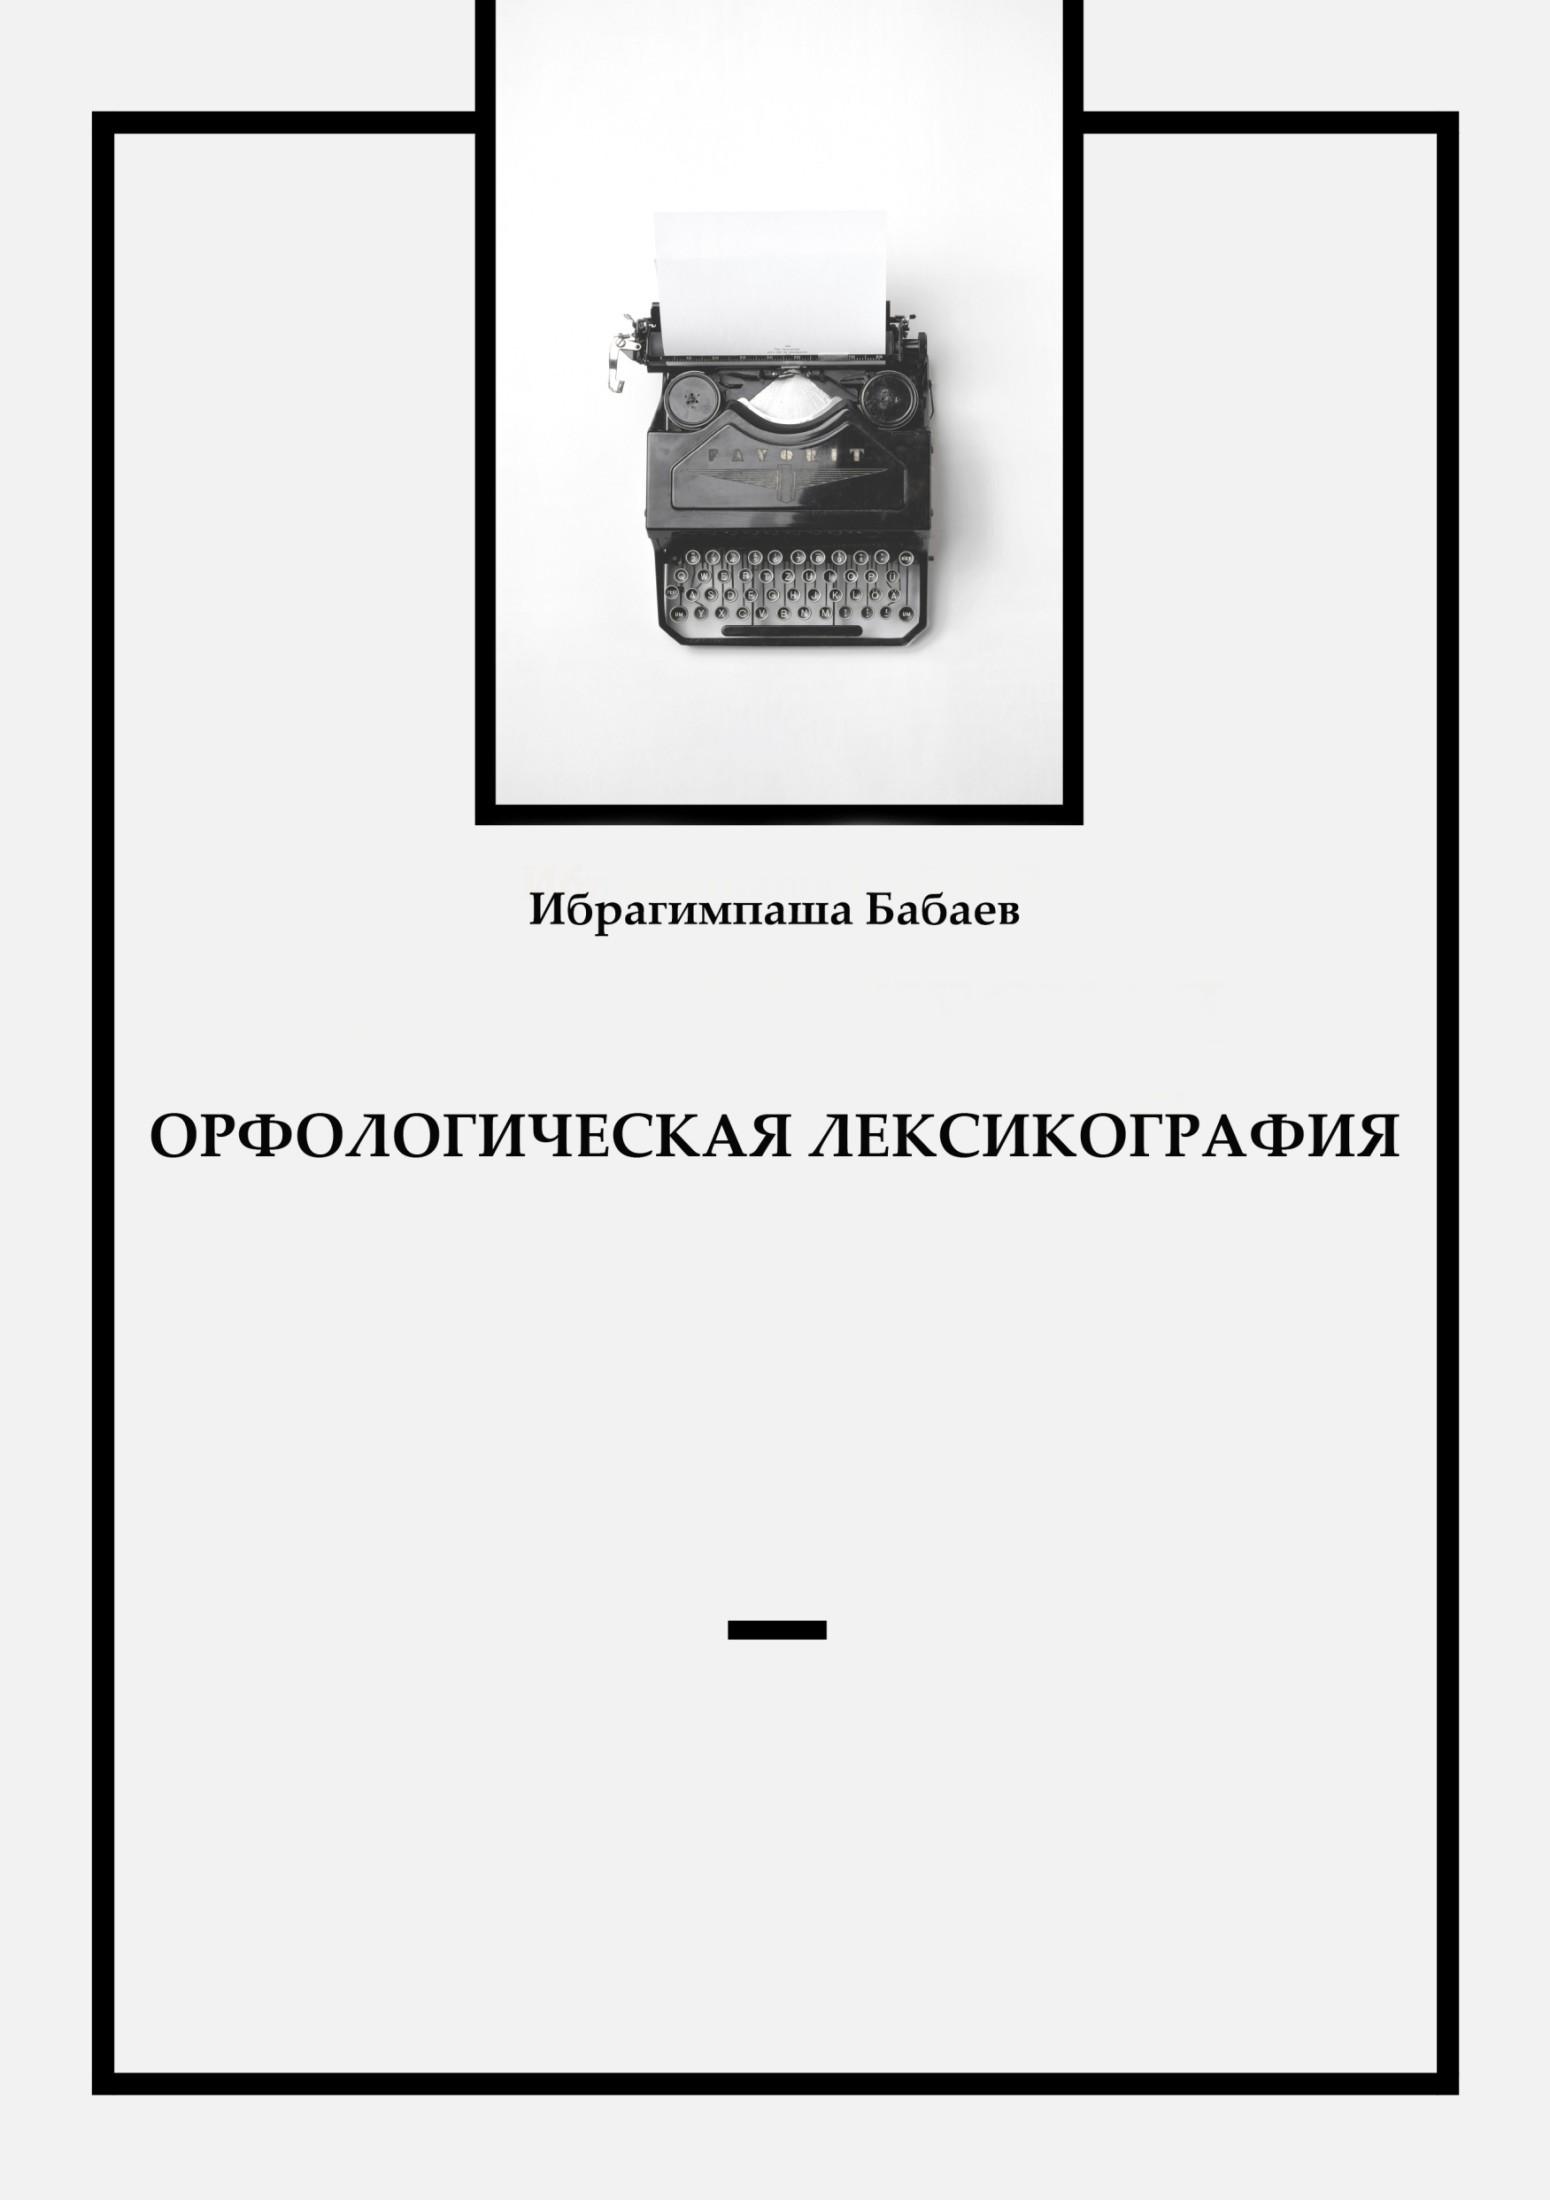 Ибрагимпаша Бабаев - Орфологическая лексикография